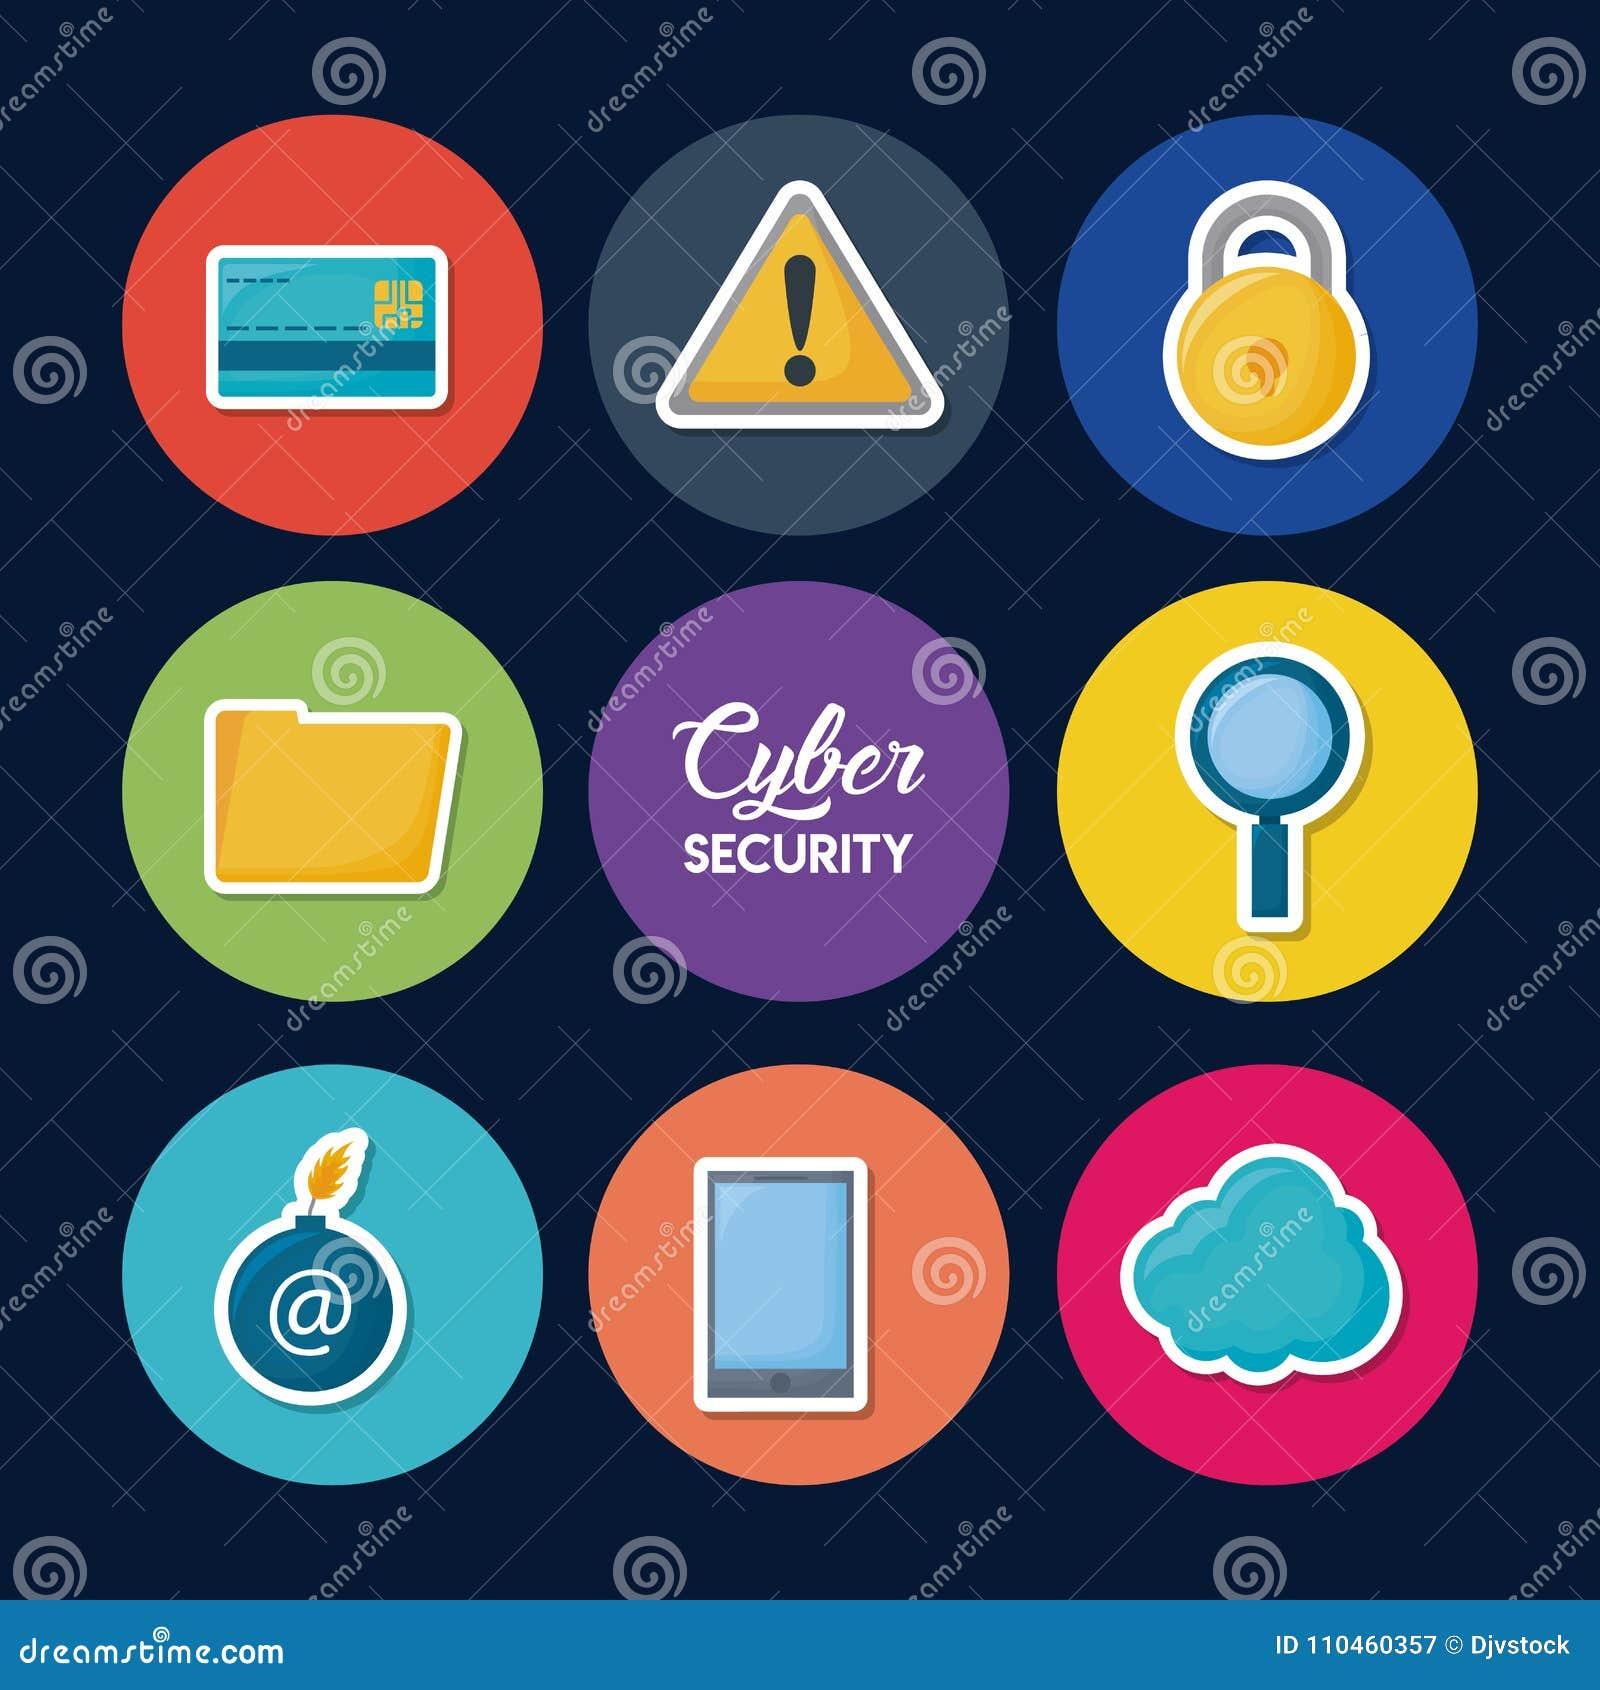 Дизайн безопасностью кибер